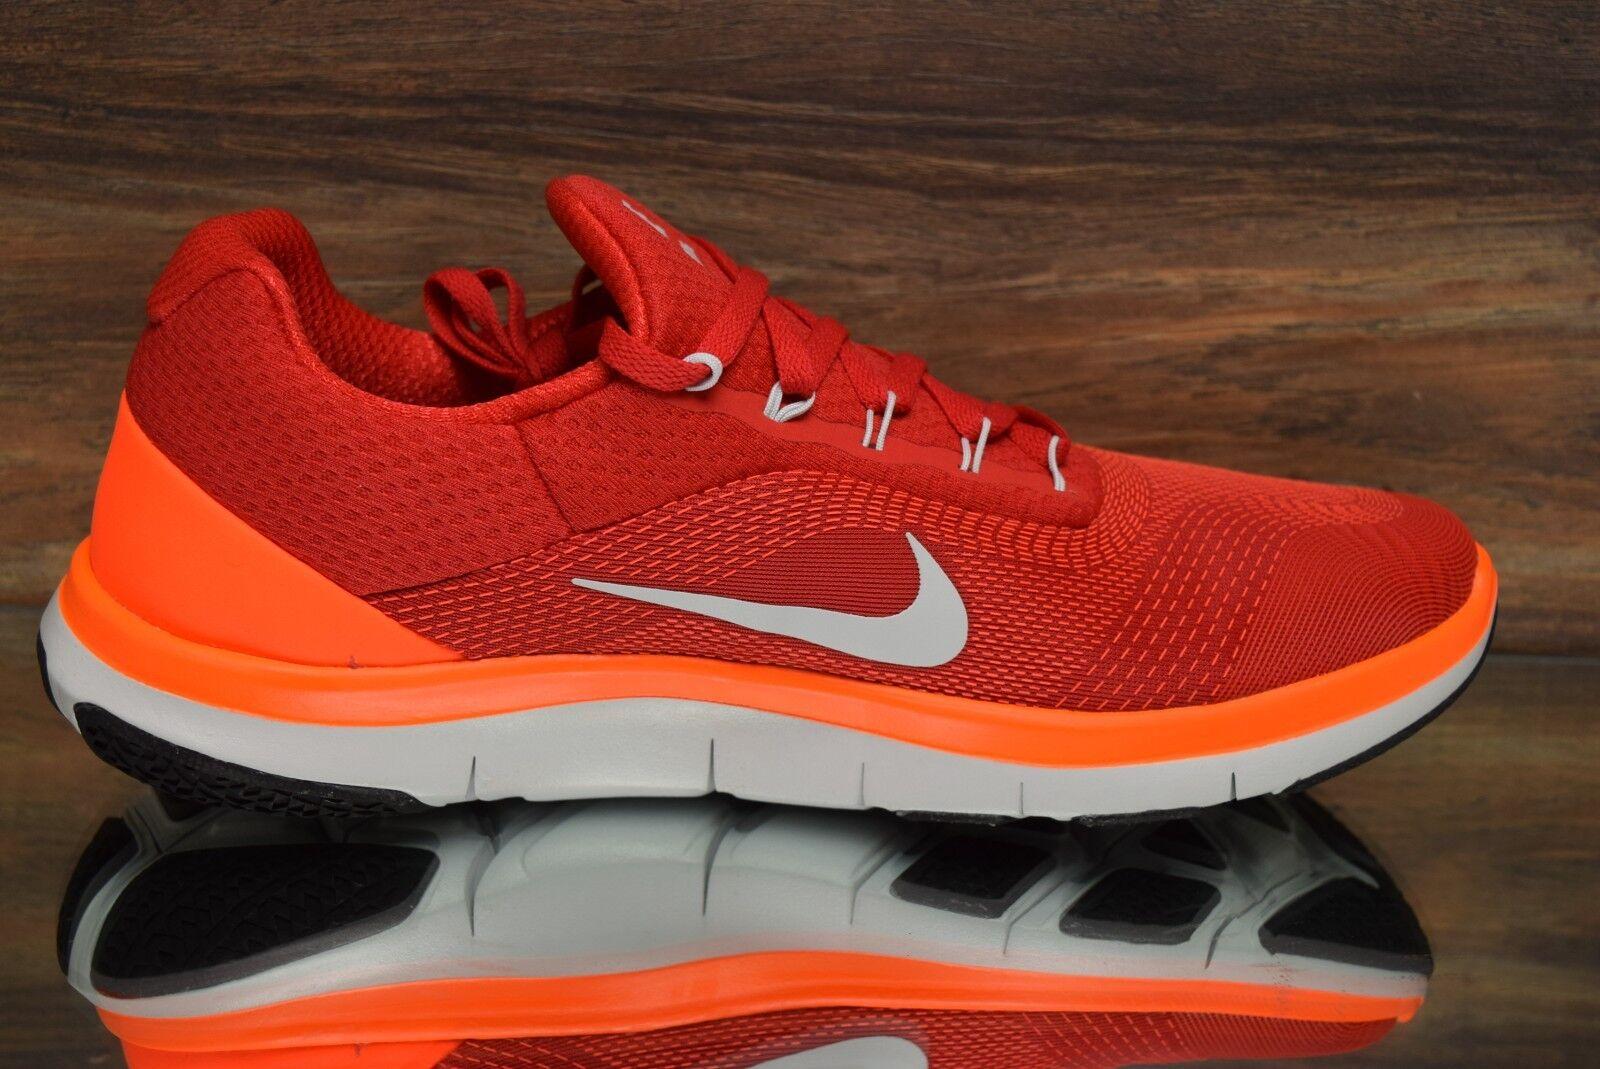 Nike libera, allenatore di v7 crimson arancione 898053-800 scarpe da da scarpe corsa degli uomini - diverse dimensioni 86ddb2